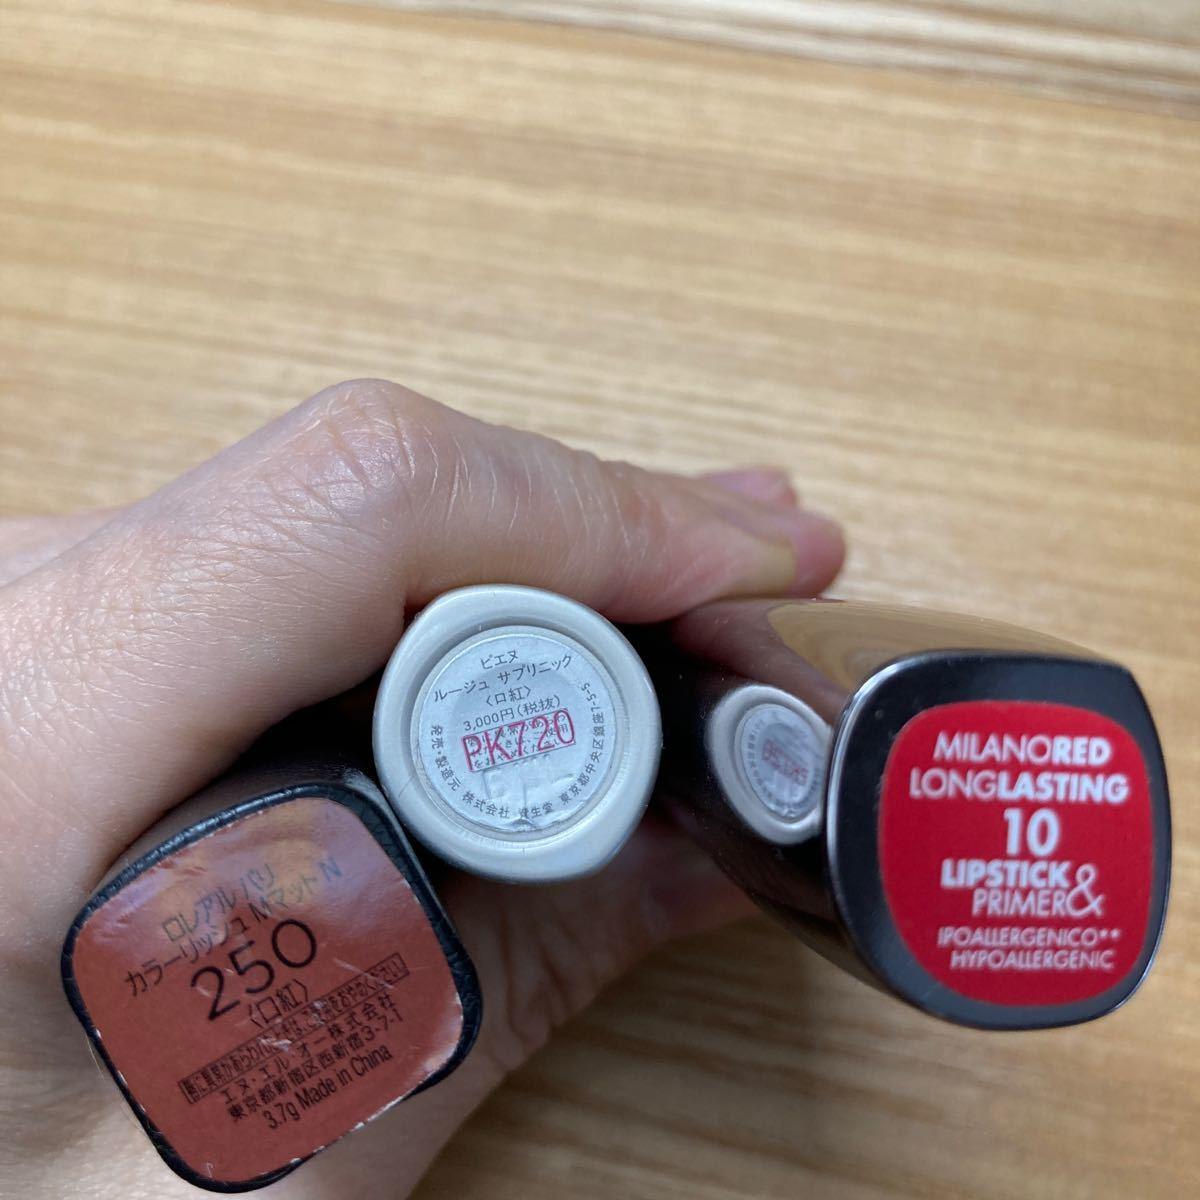 口紅 リップスティック 3本セット 大人系の便利な色